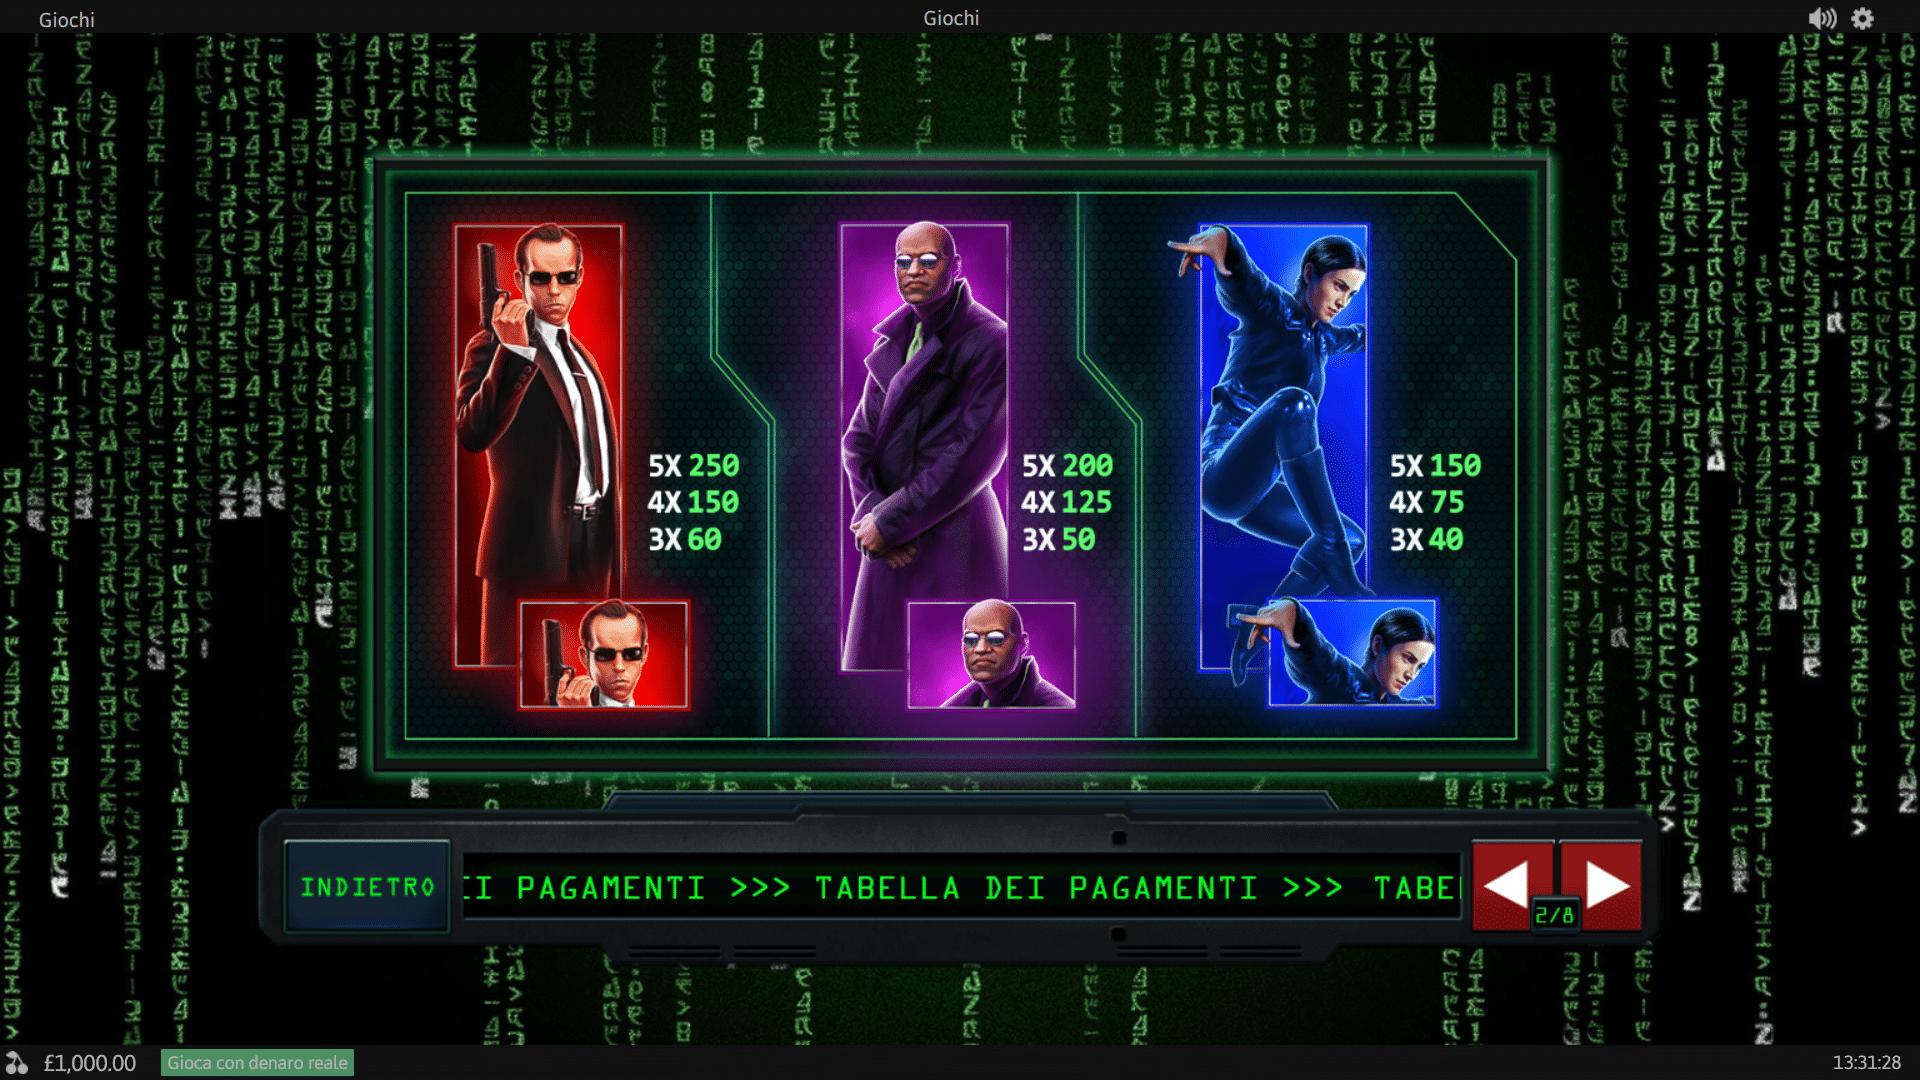 Tabella Pagamenti della Slot gratis The Matrix